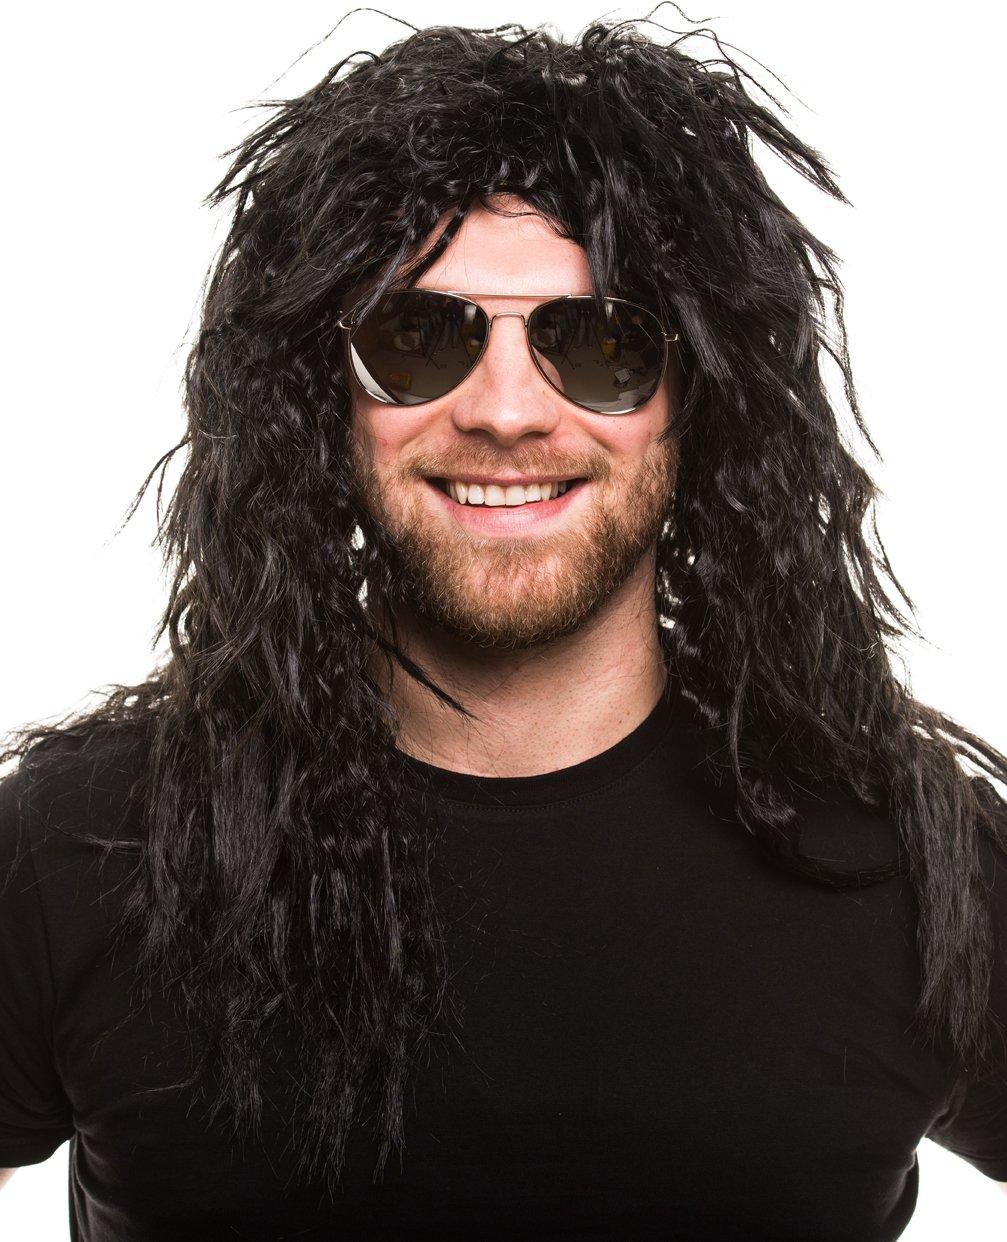 Balinco Roquero Pop Peluca Rizado Negro Peluca Hombre Lang Heavy Metal Alice Cooper Rambo Juego Años 80